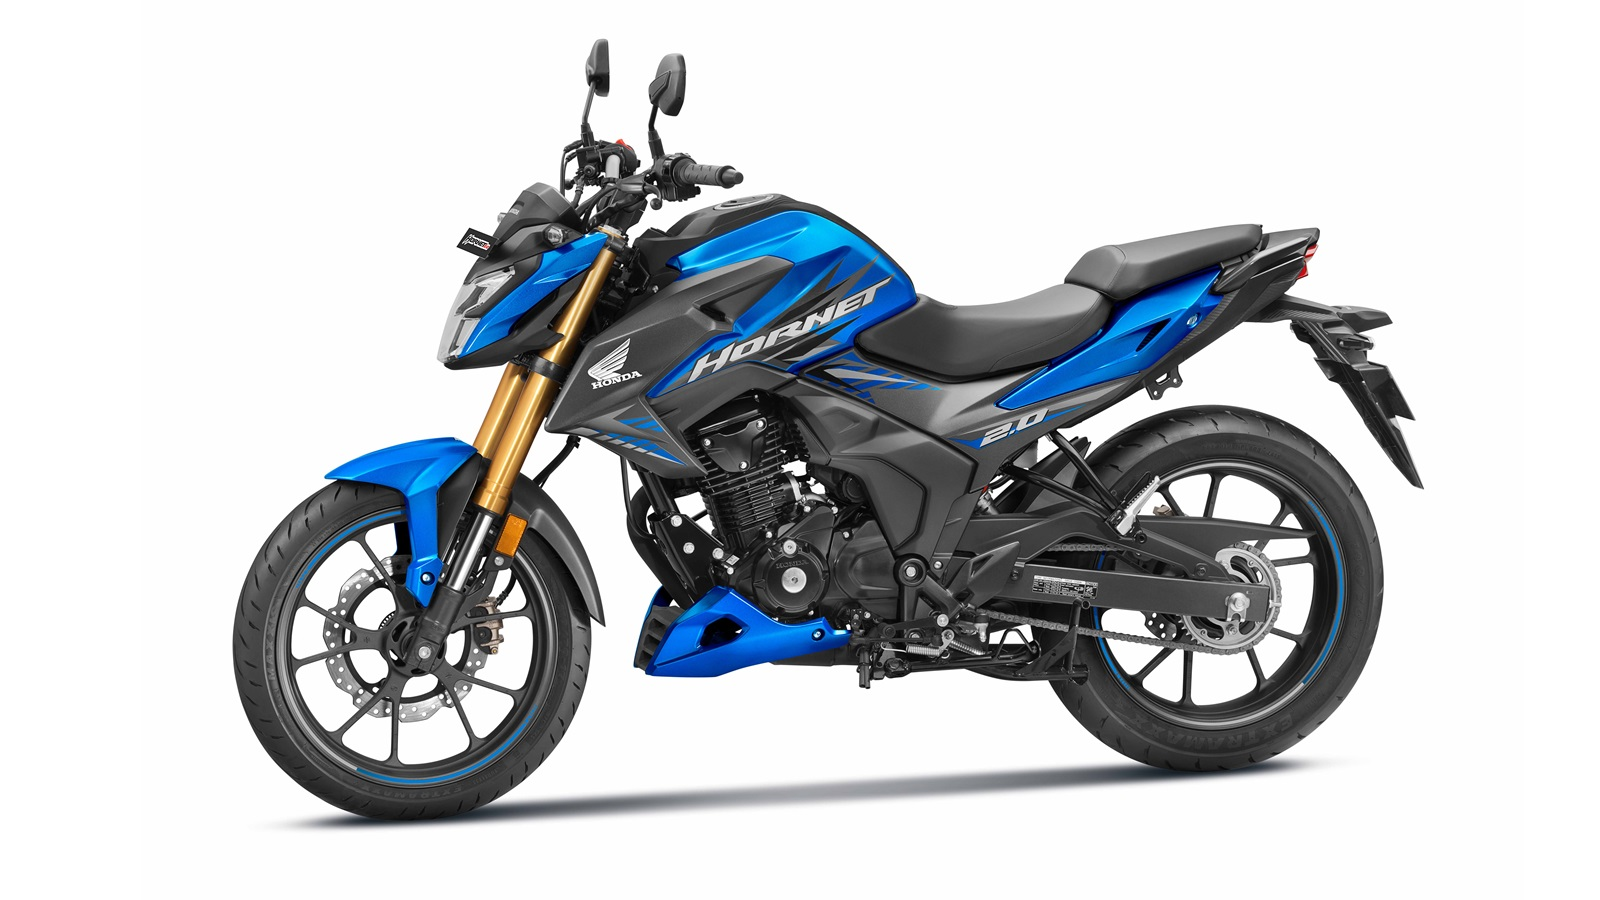 New 2020 Honda Hornet 2.0 colour options